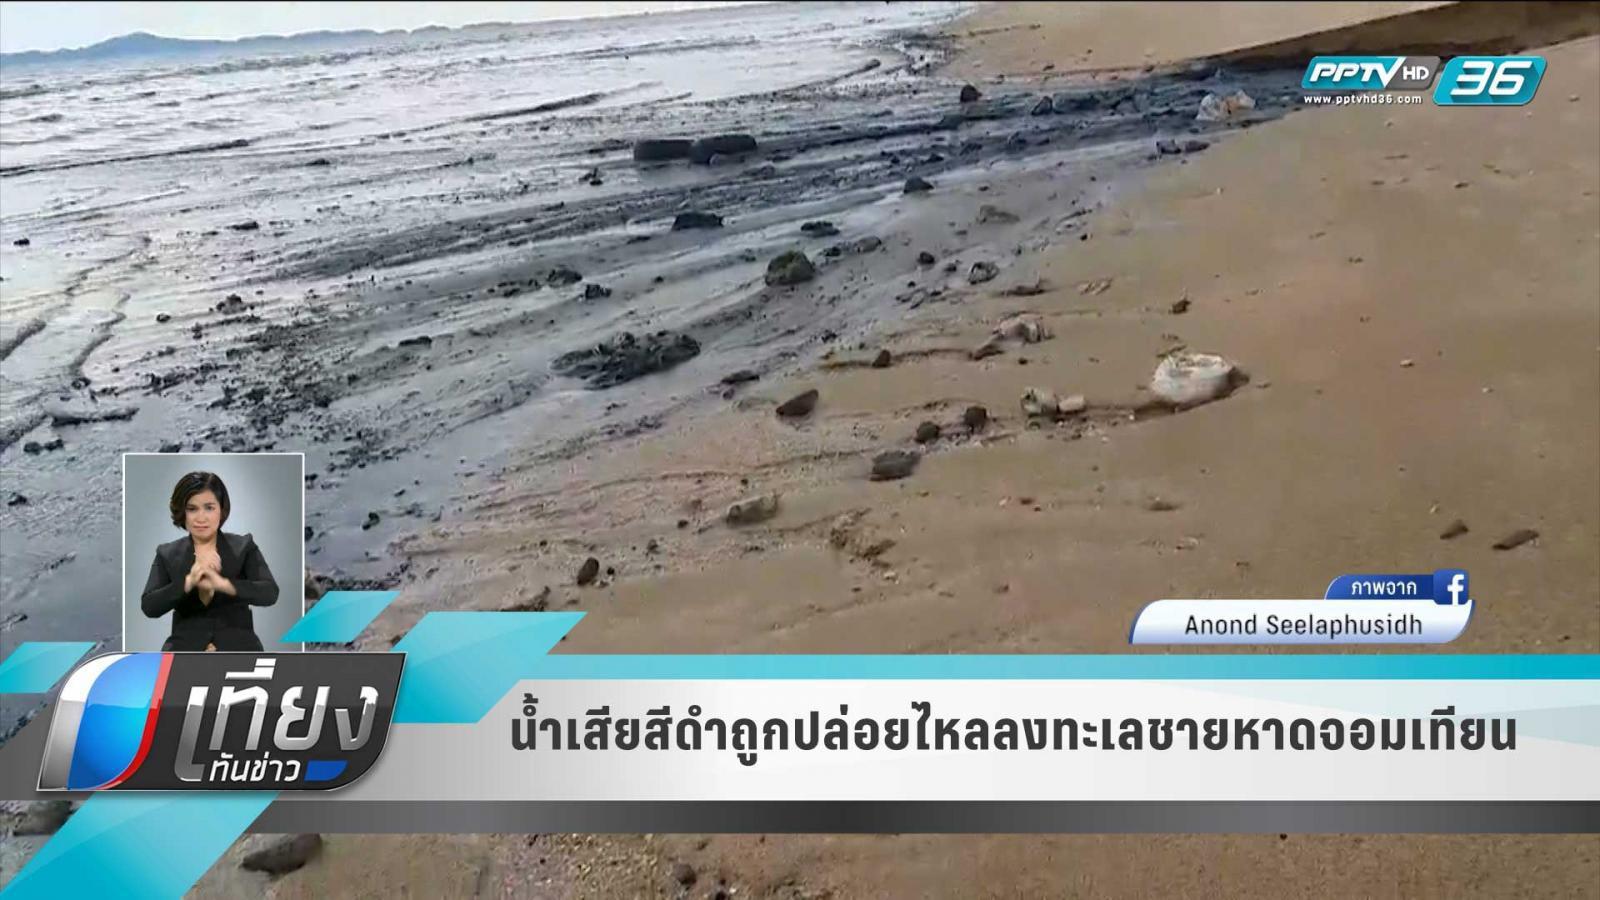 ทะลัก!! น้ำเสียสีดำถูกปล่อยไหลลงทะเลชายหาดจอมเทียน